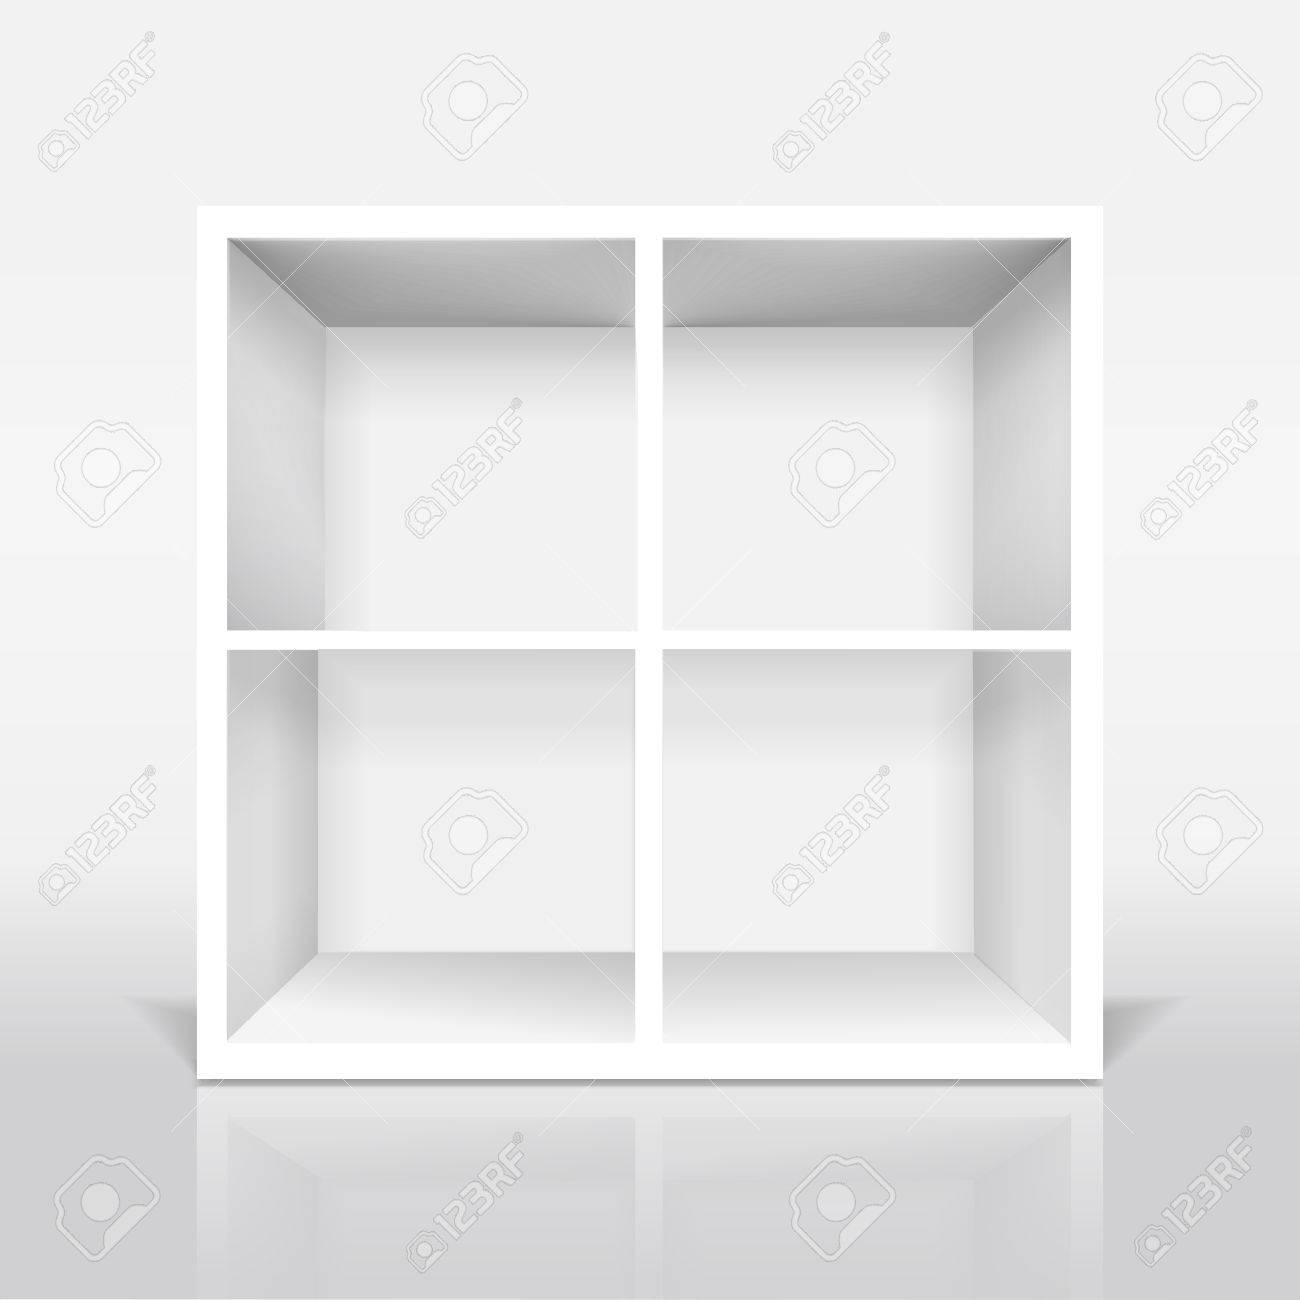 Blanco Moderne Boekenkast Geïsoleerd Op Witte Achtergrond Royalty ...